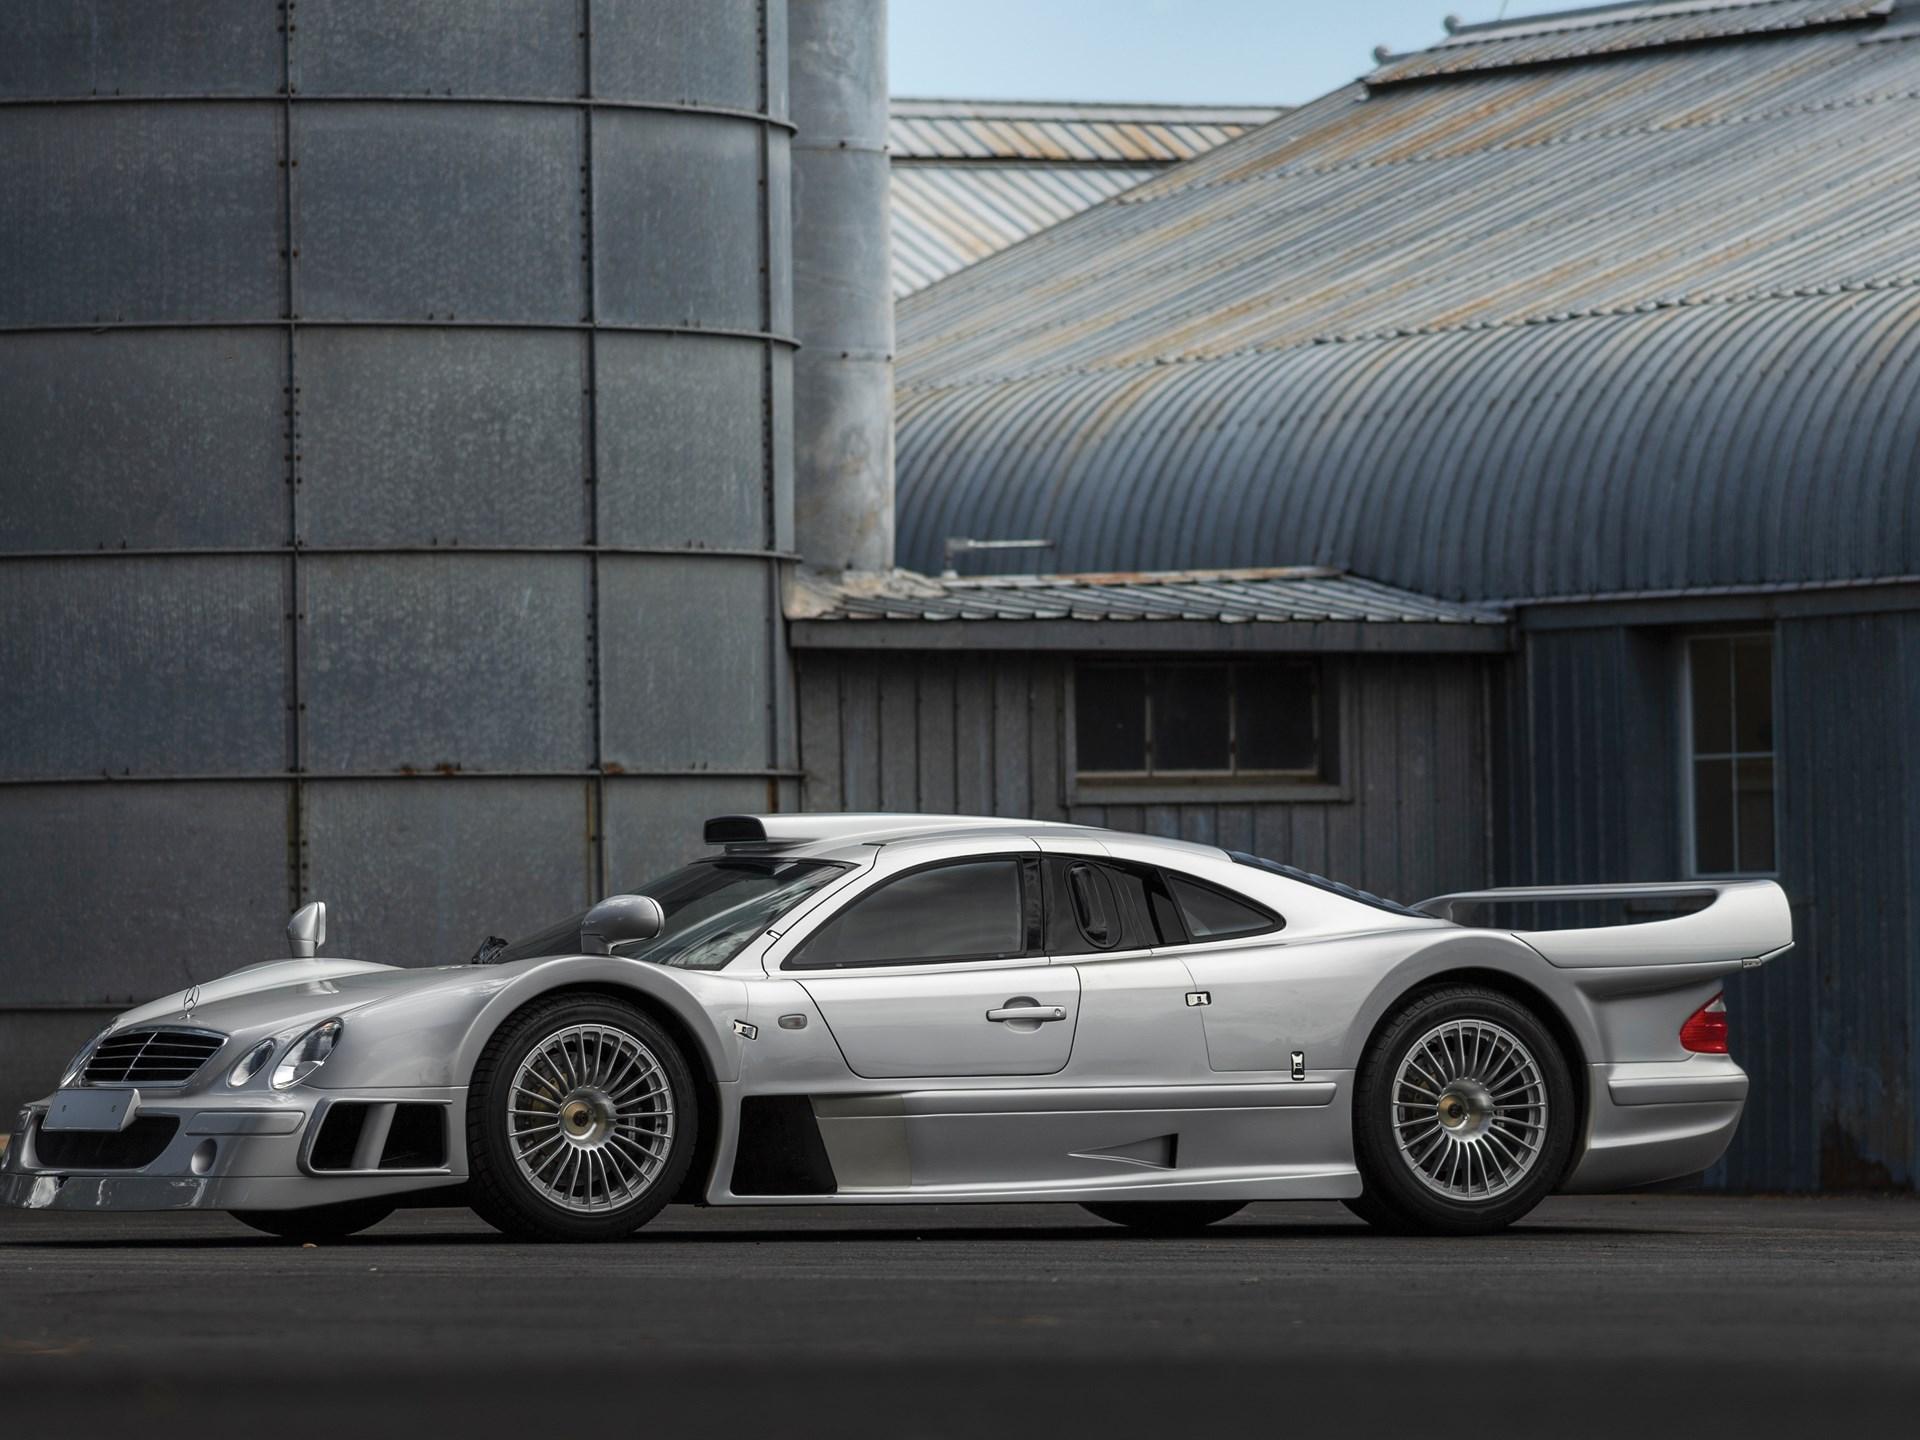 1998 Mercedes-Benz AMG CLK GTR